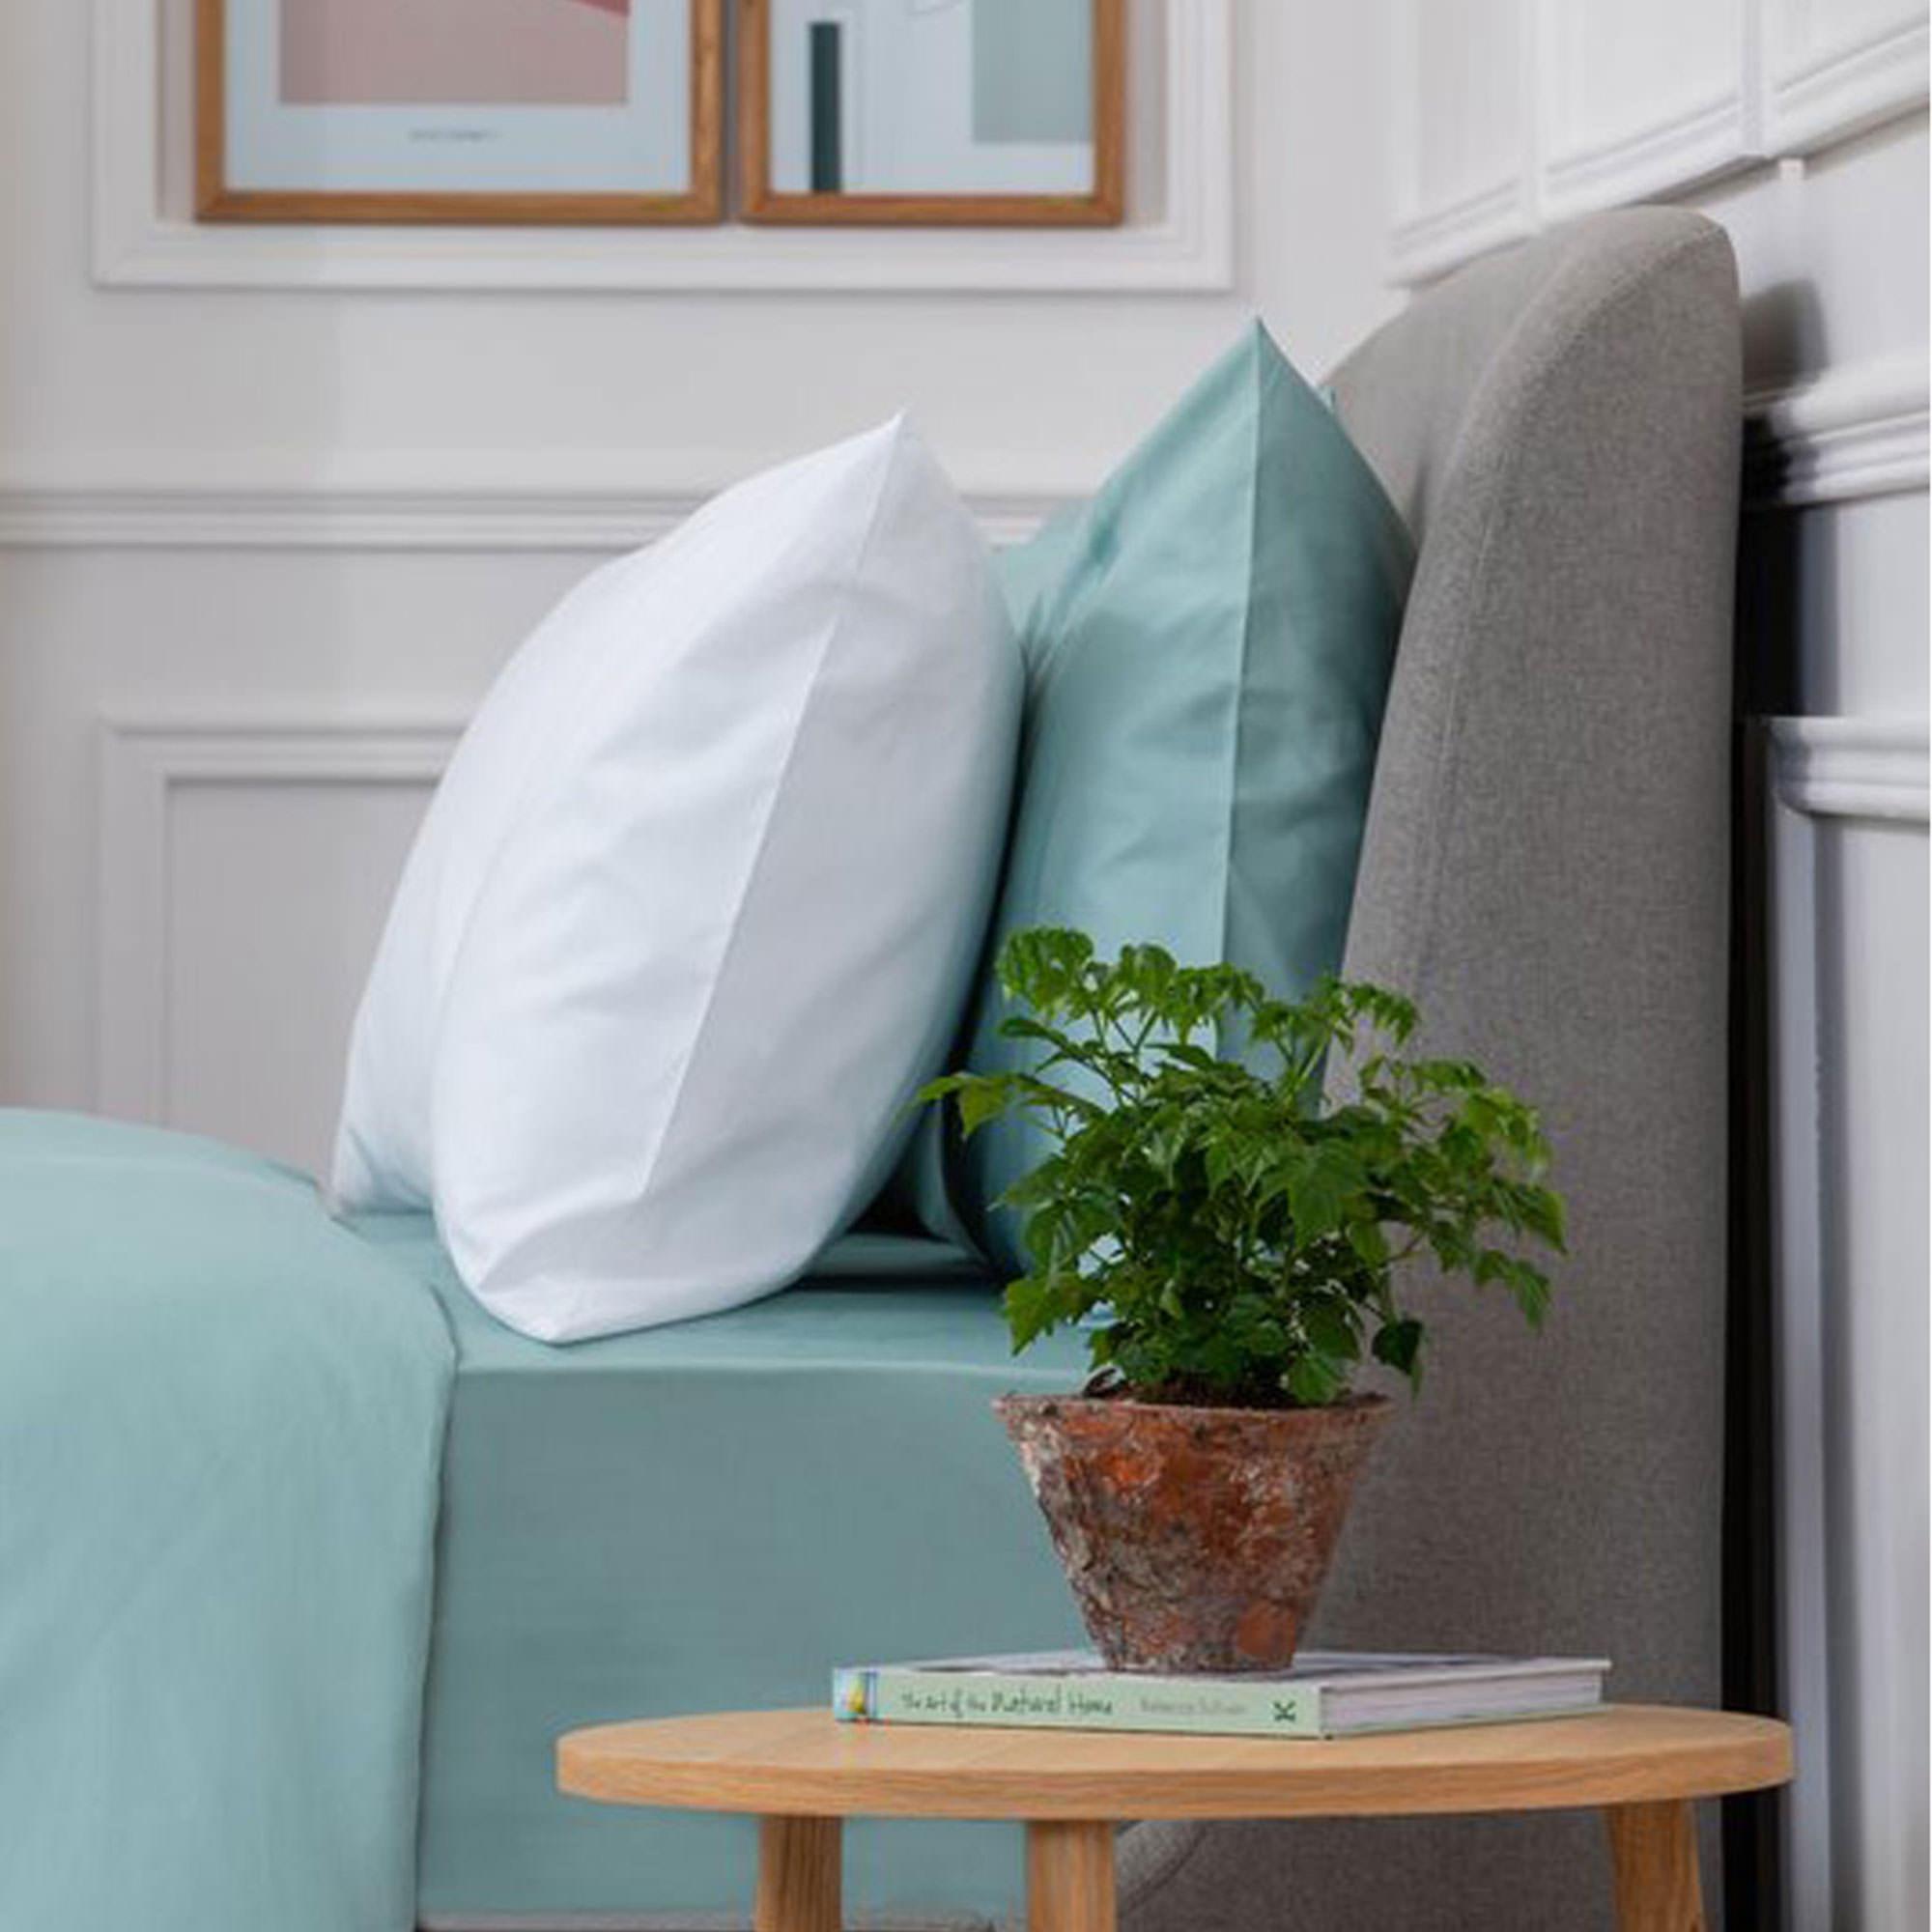 5617AQUASATEENPCBLUE: Sateen Pillowcase